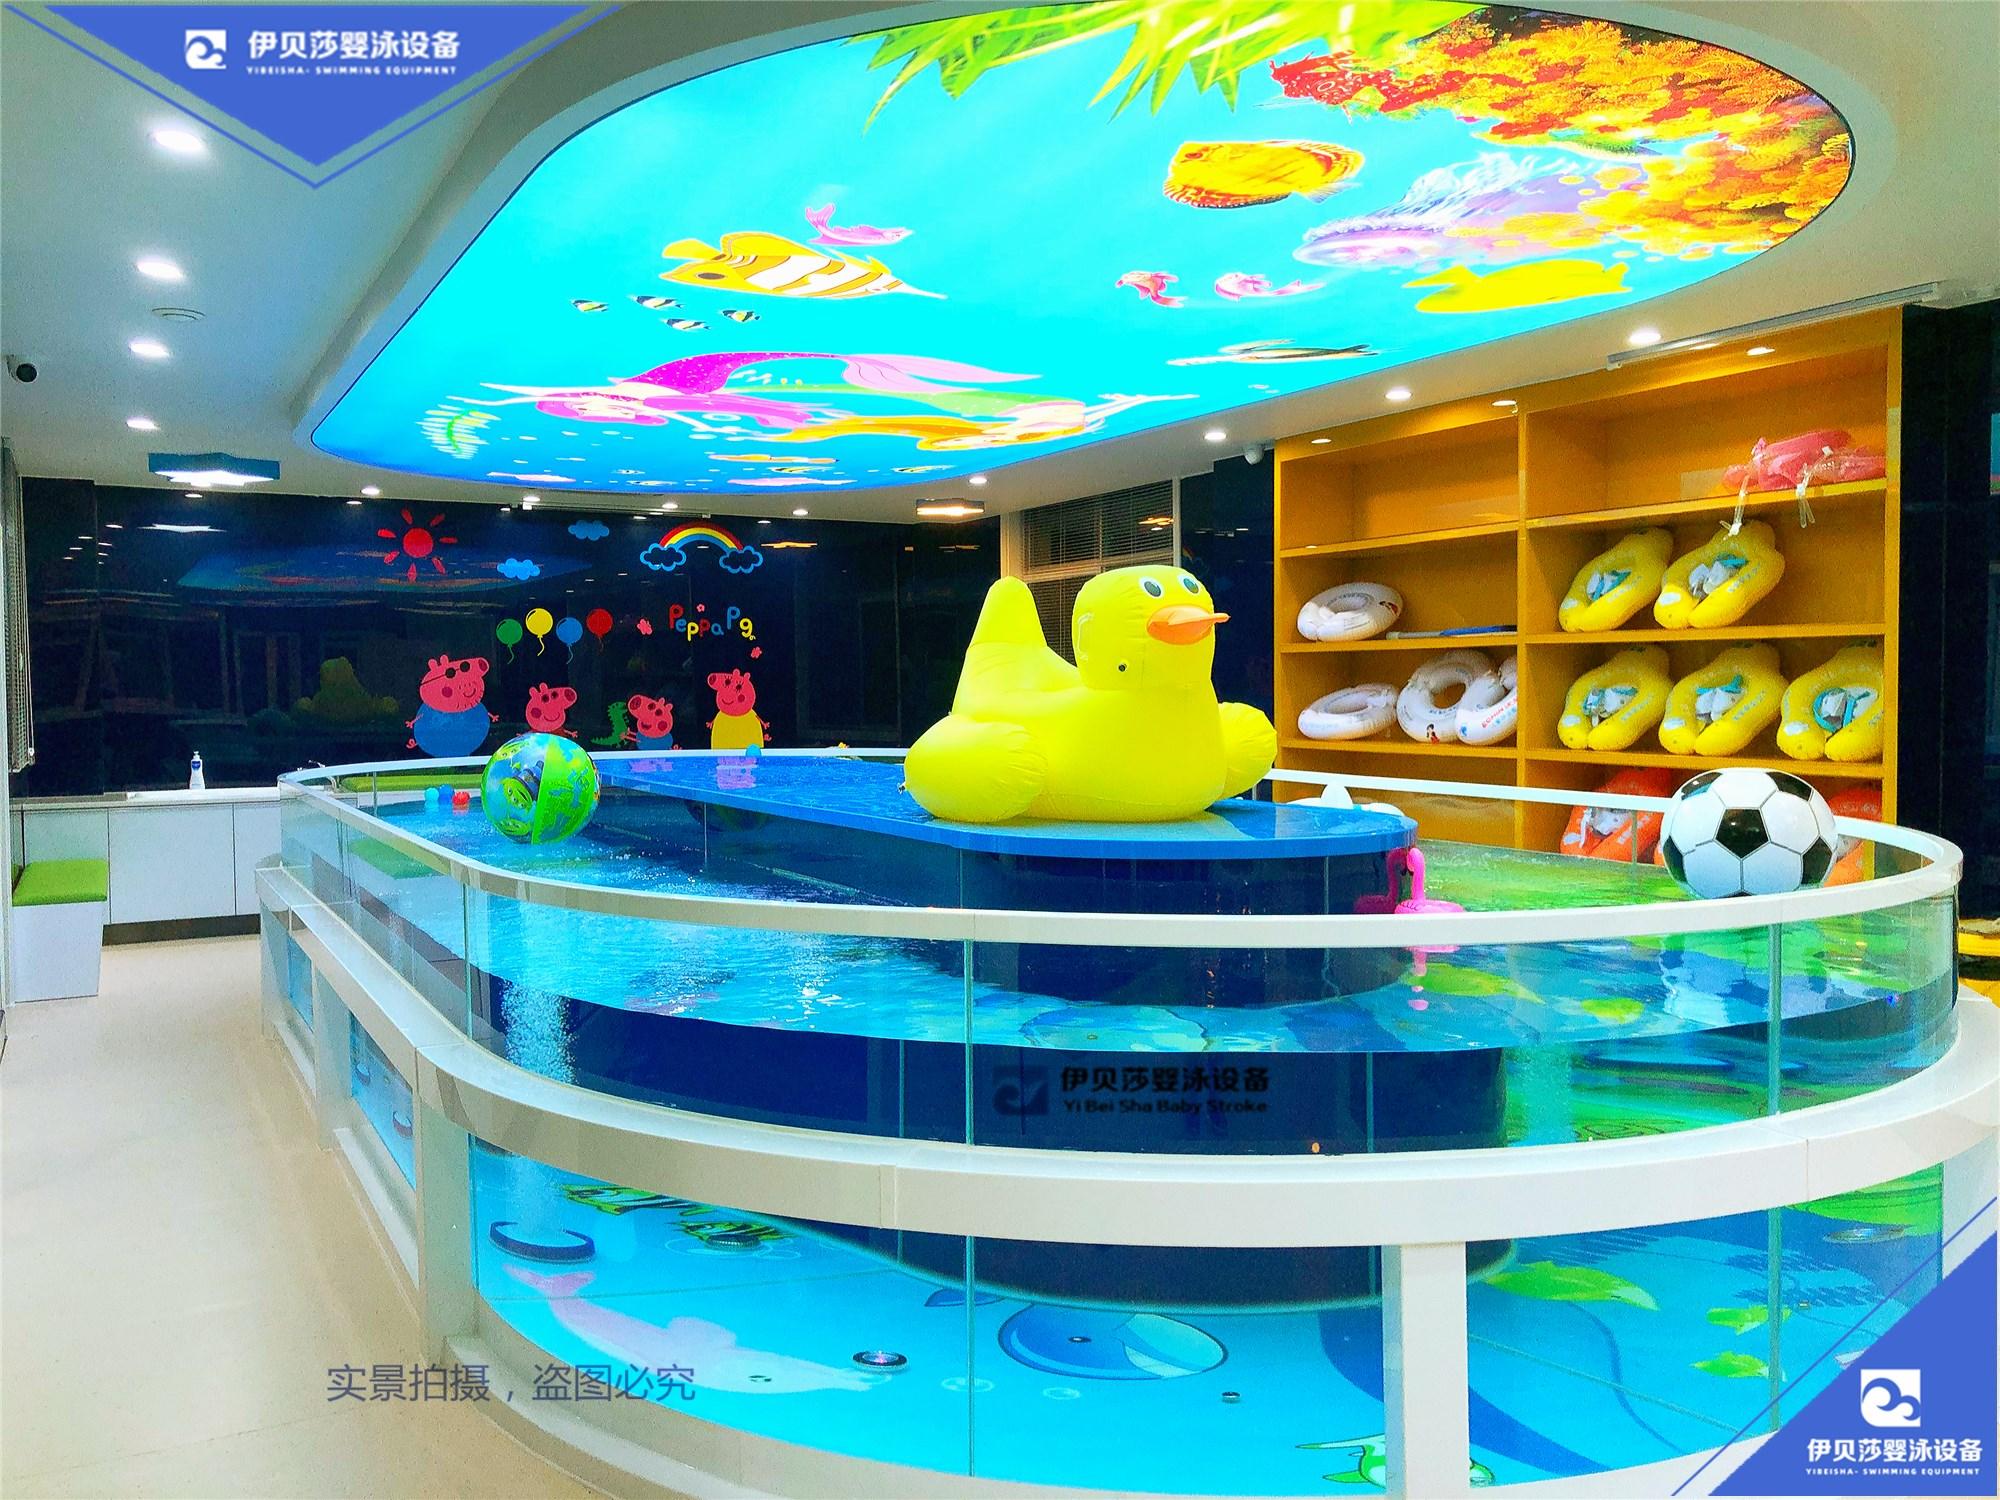 2020新款360鹅蛋型玻璃婴儿泳池